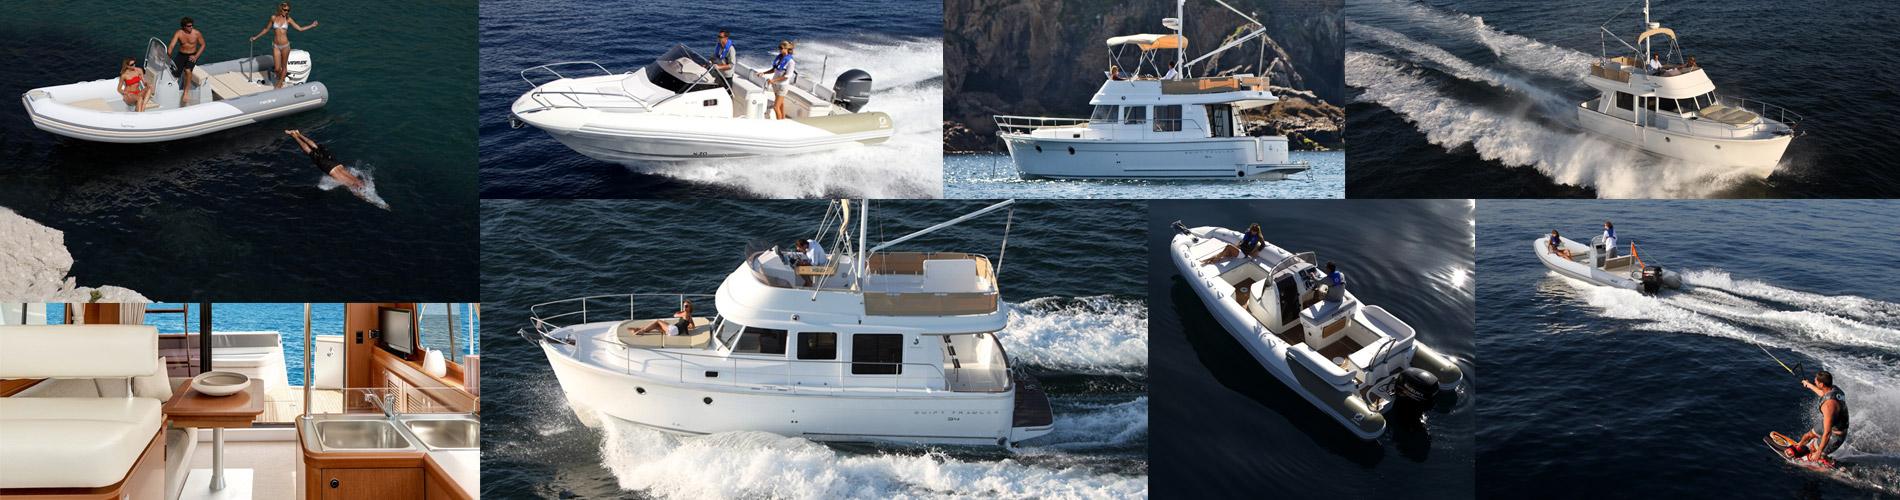 photos-bateaux